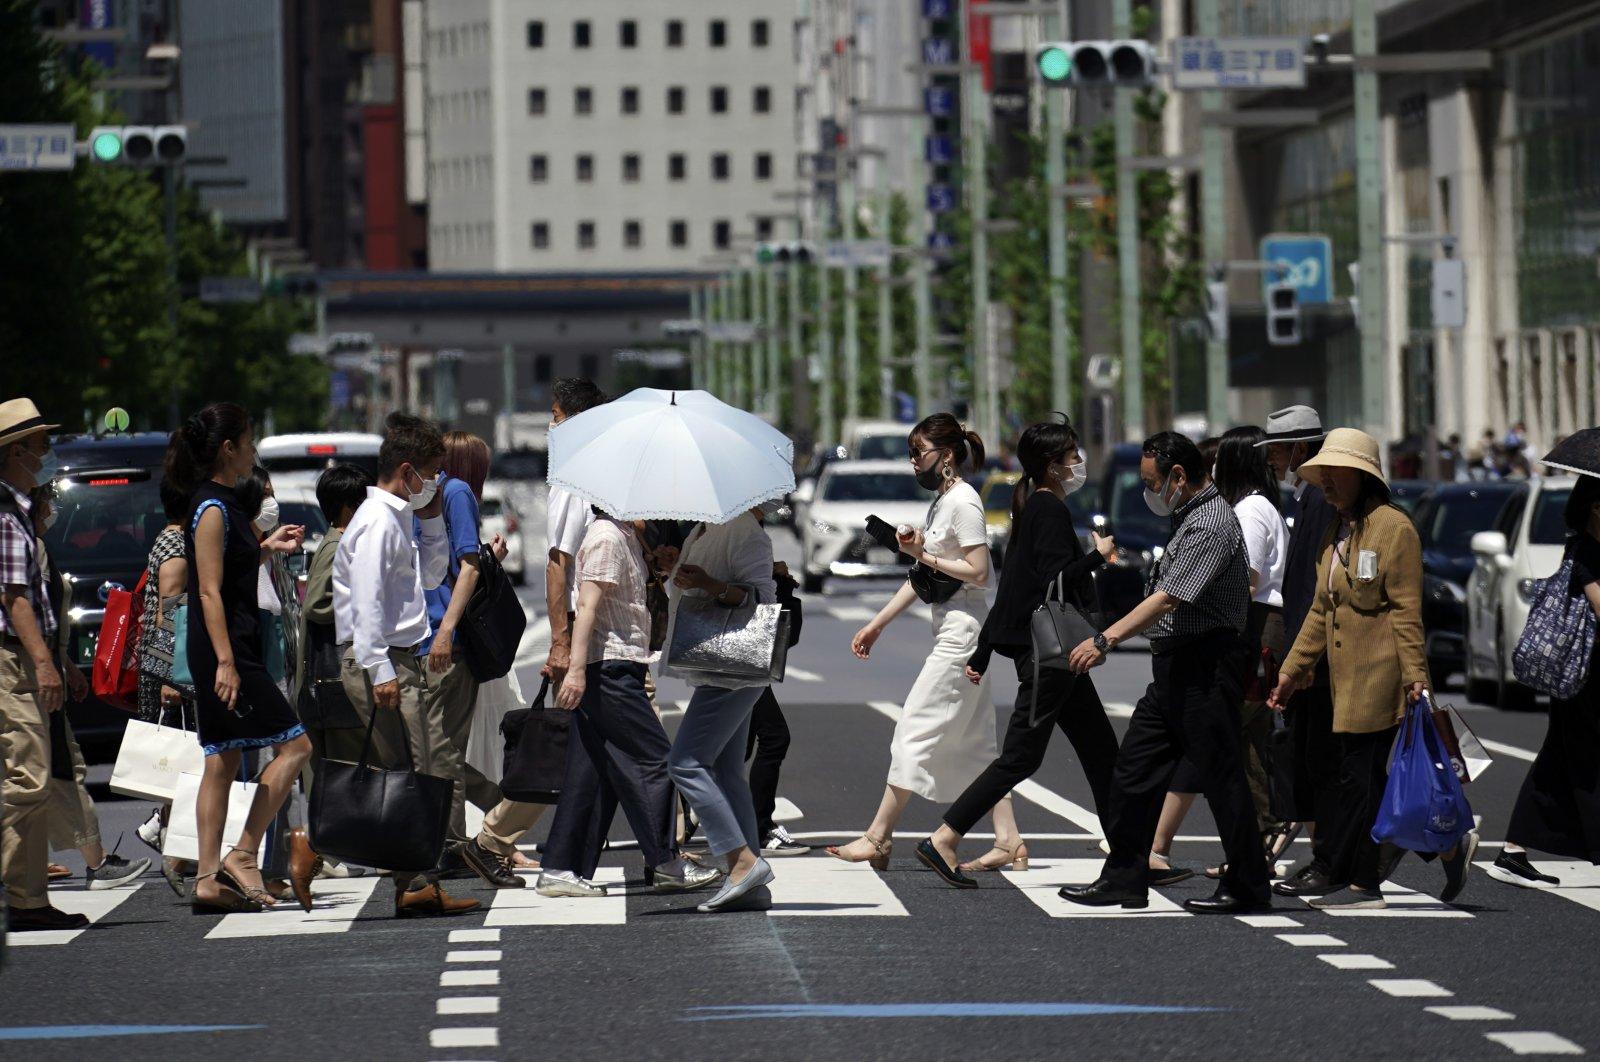 People walk on a pedestrian crossing in Tokyo, July 2, 2020. (AP Photo)